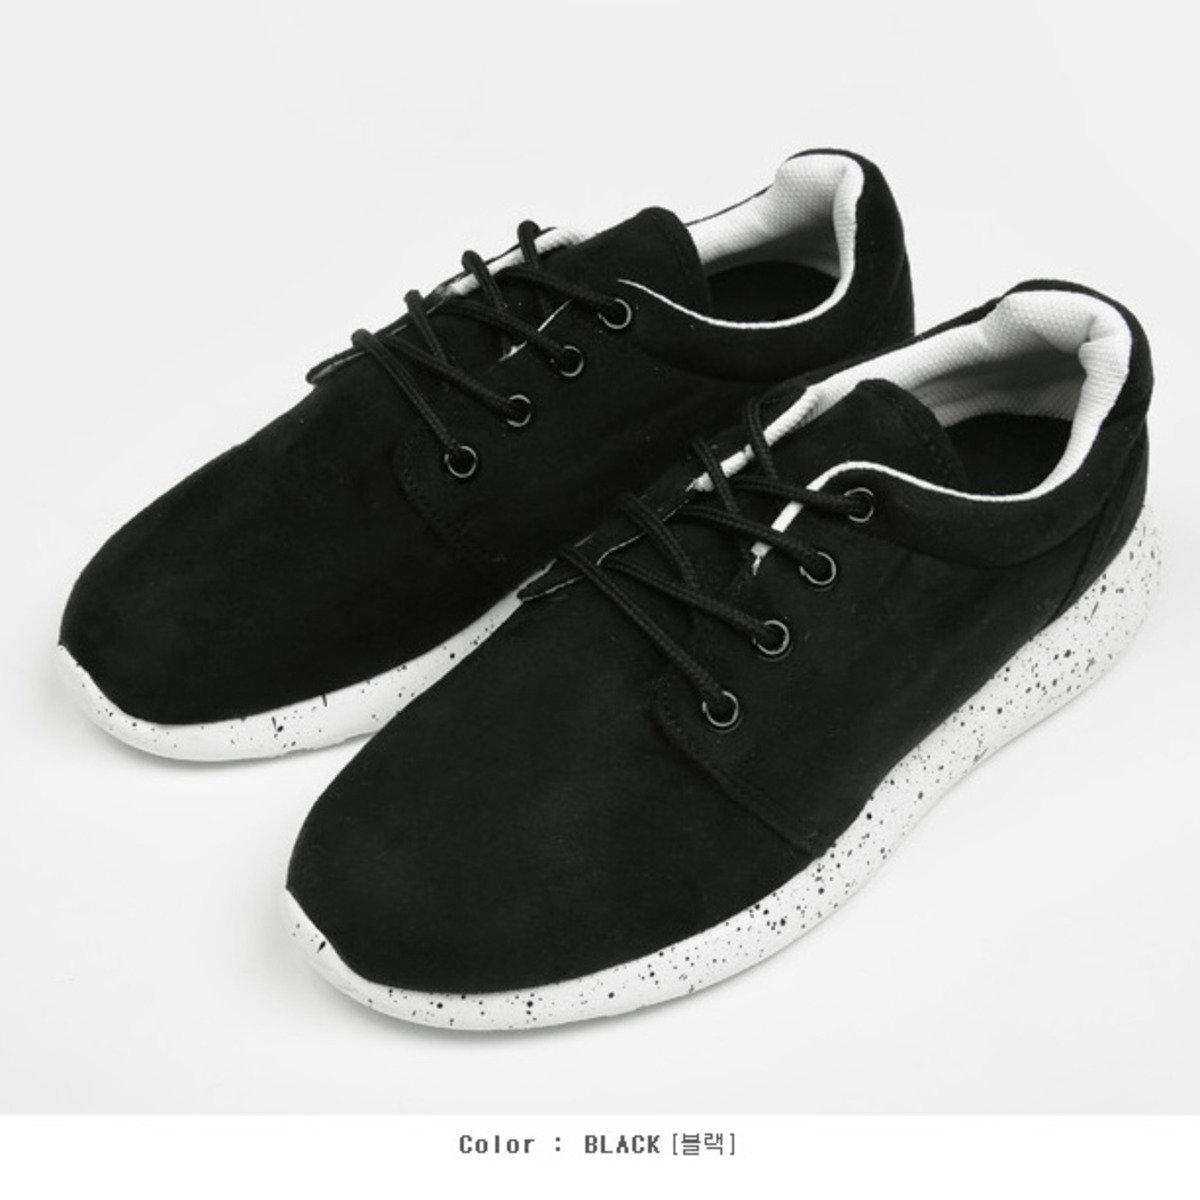 花紋運動鞋_SH1_151130165